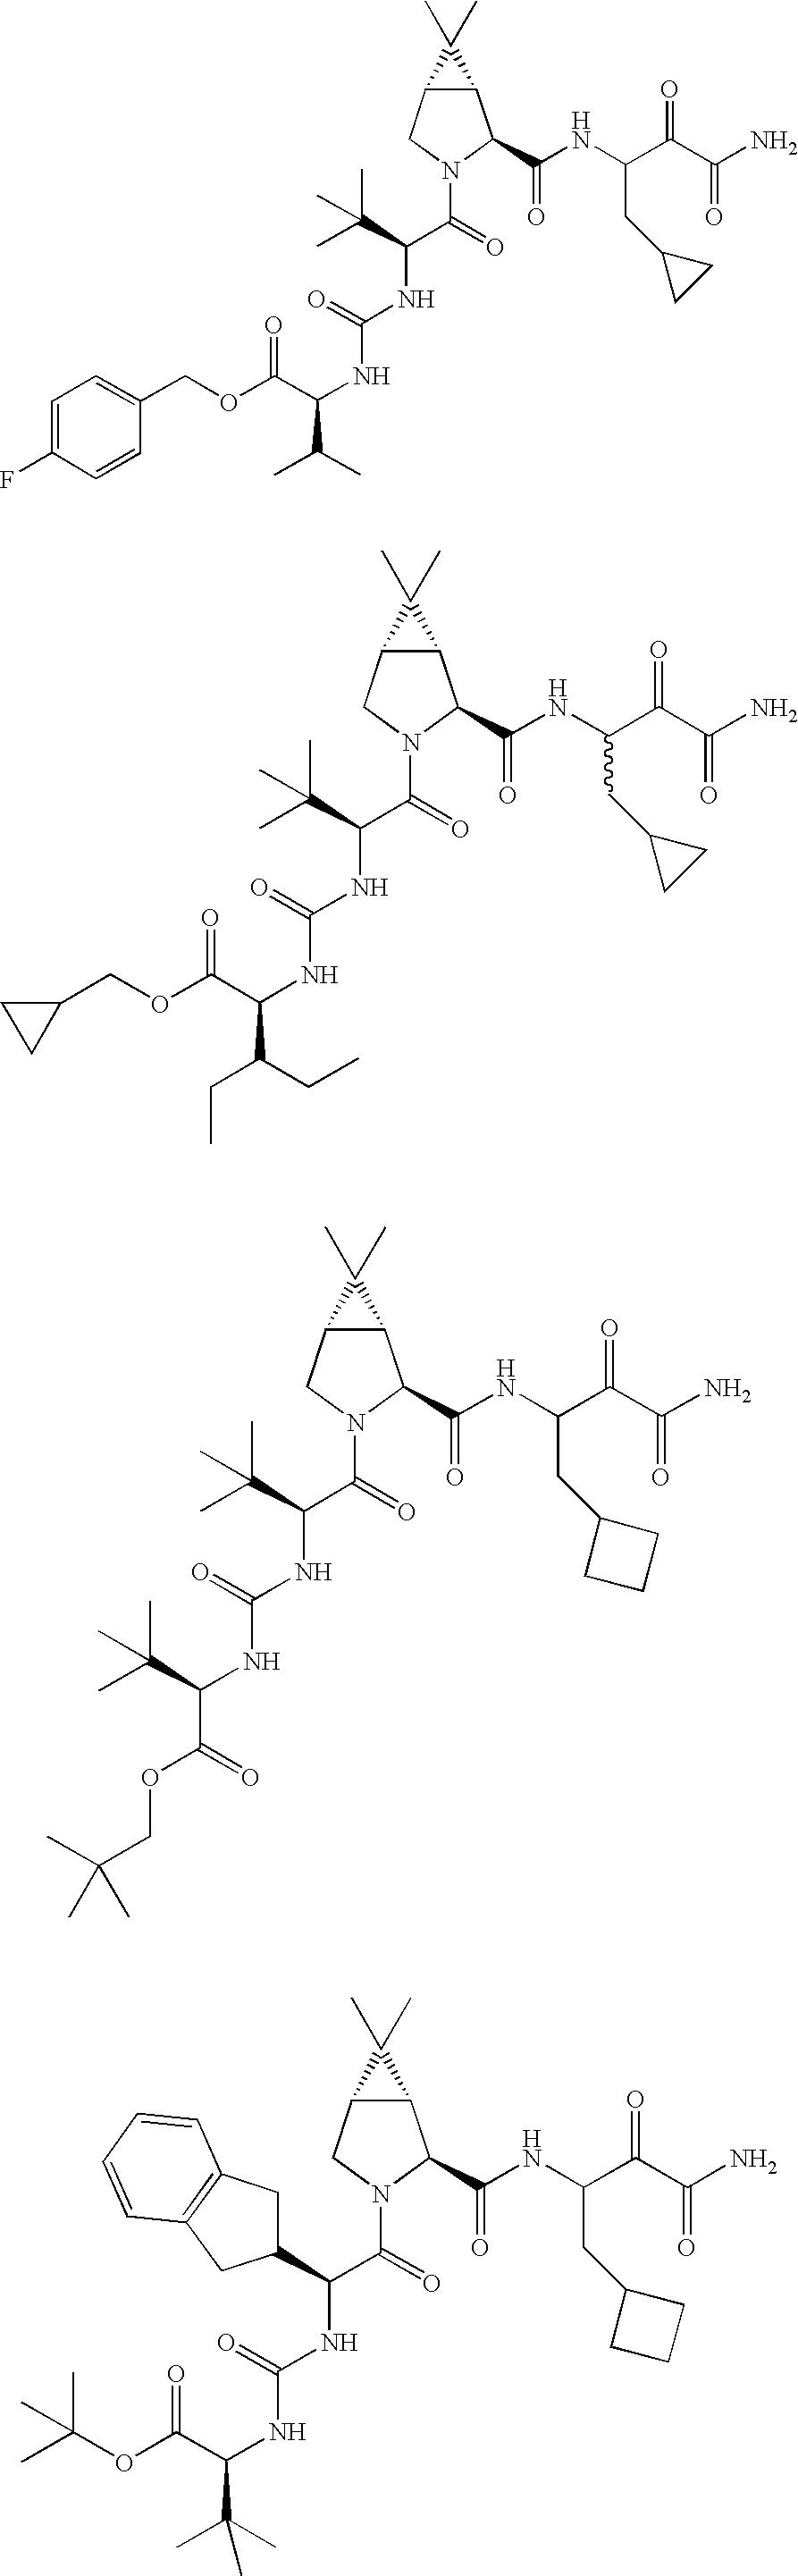 Figure US20060287248A1-20061221-C00263